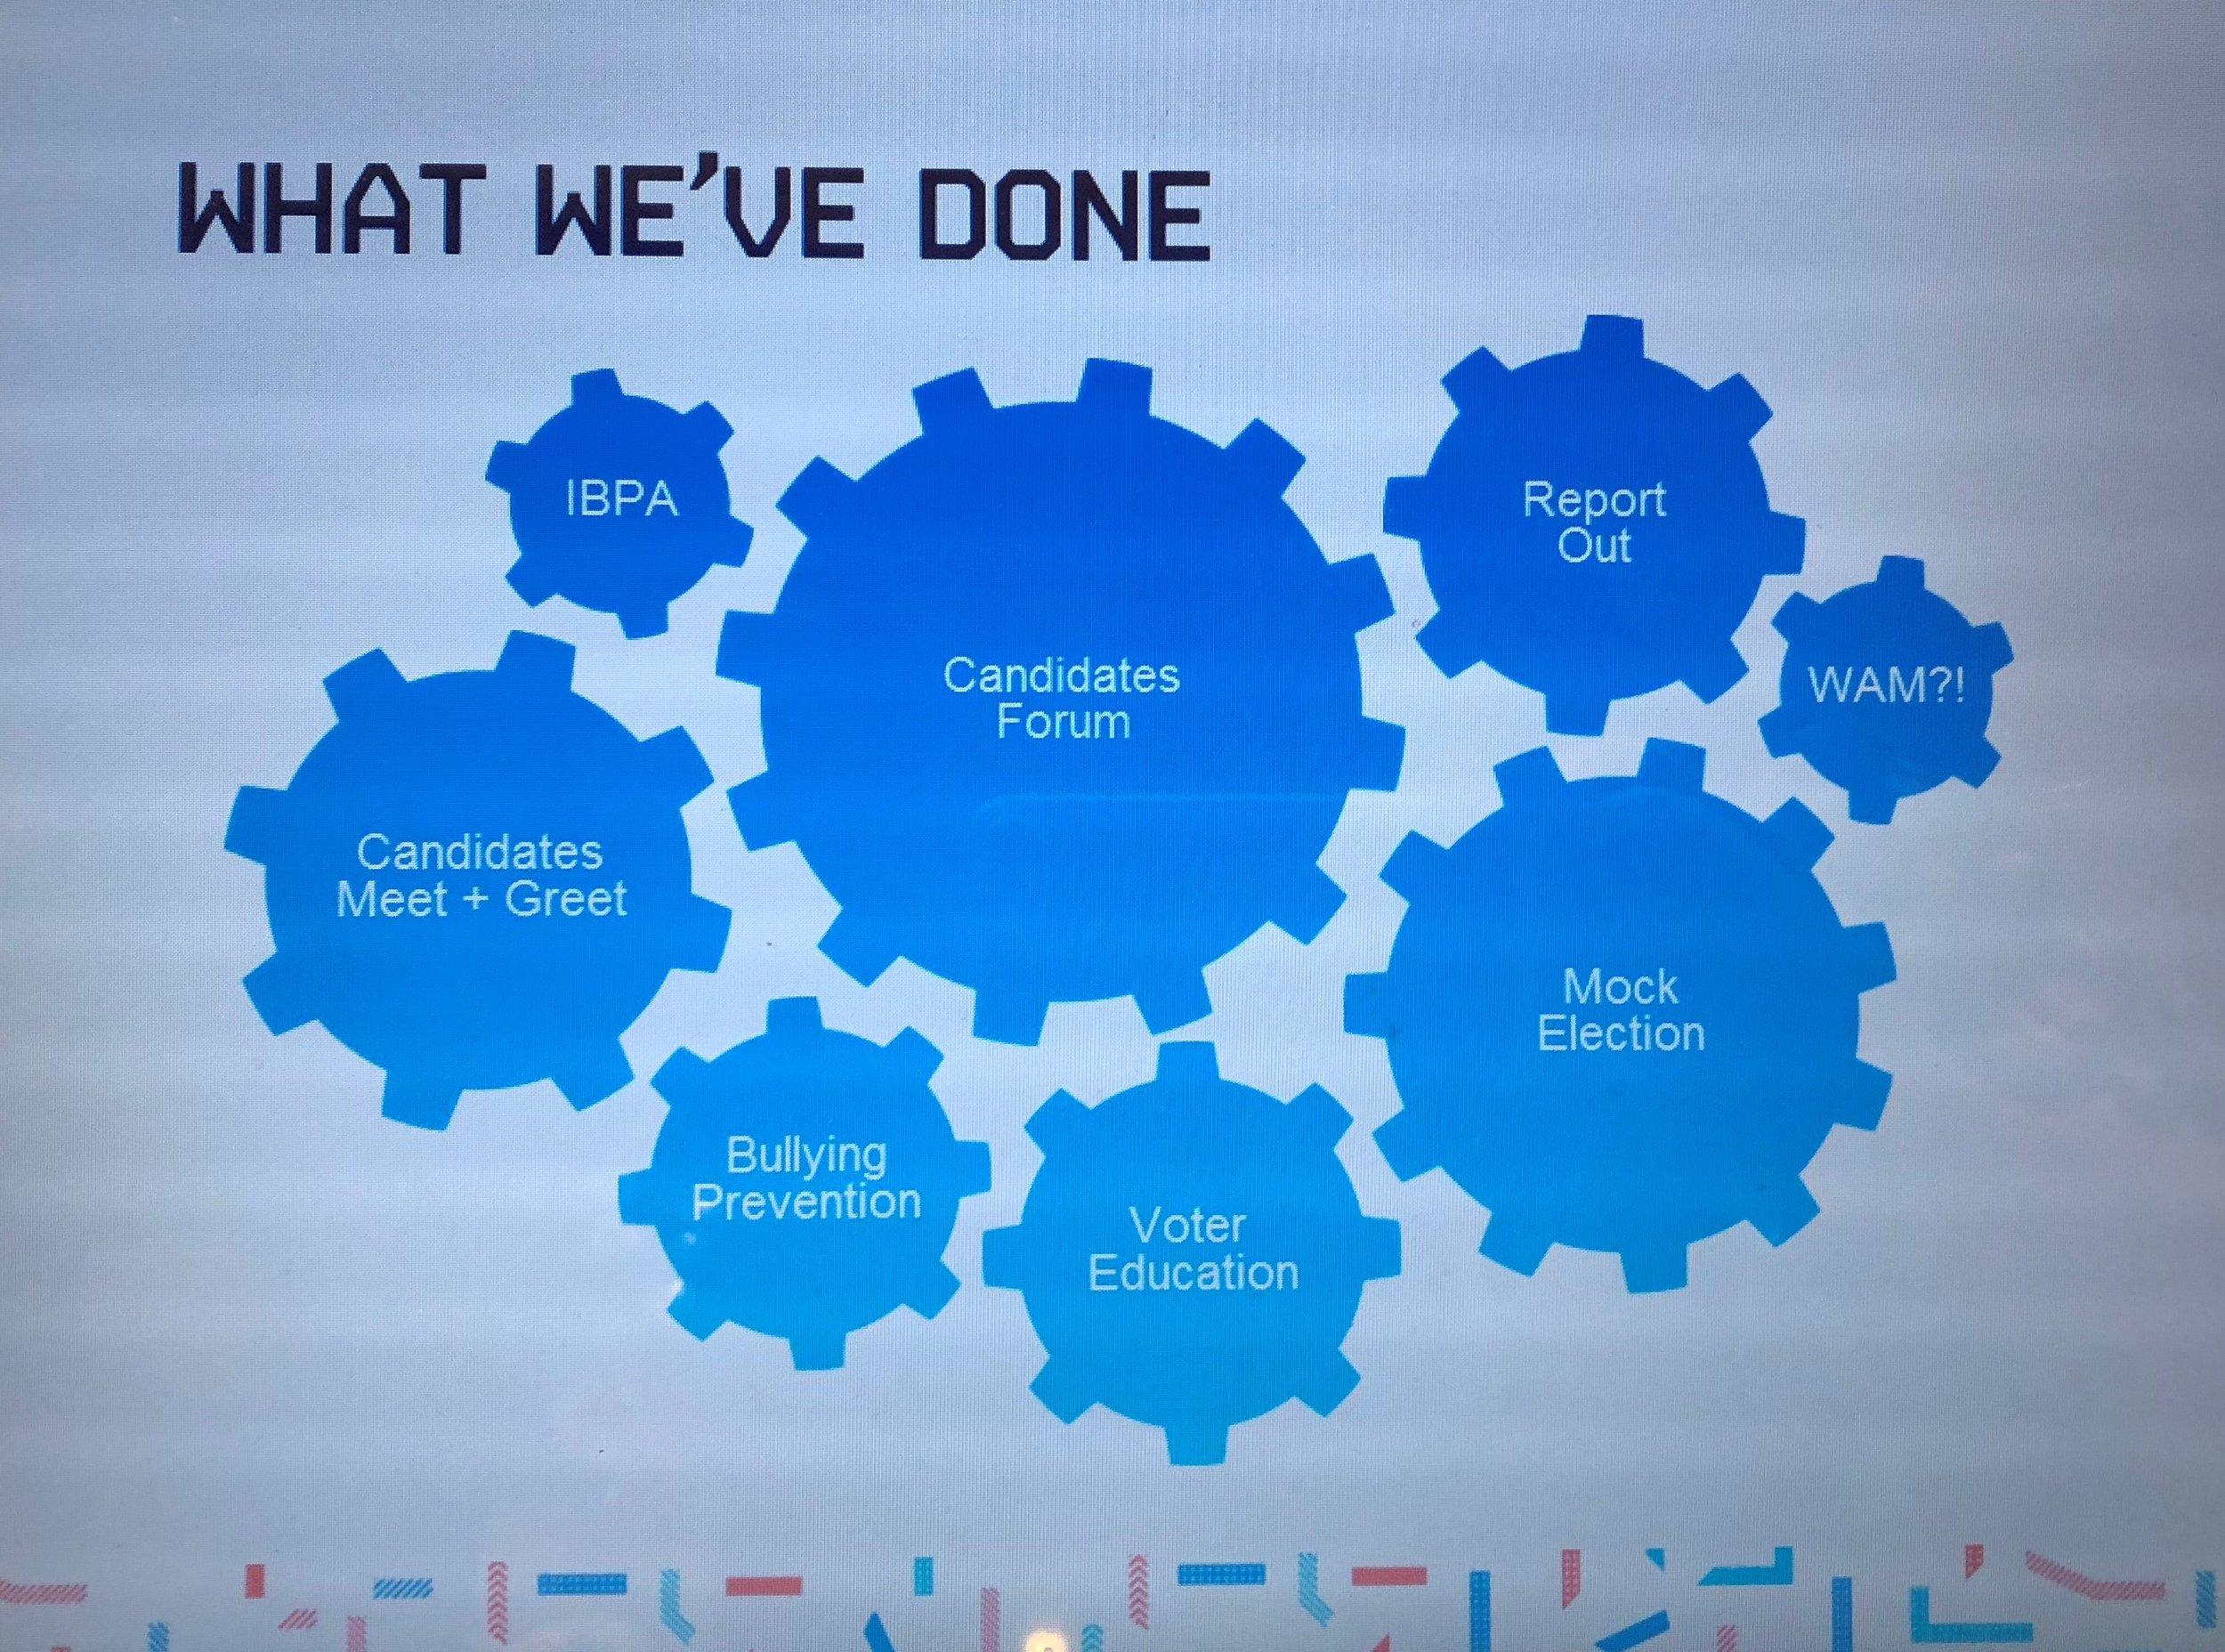 AYV Slide 3a The Plan.jpg